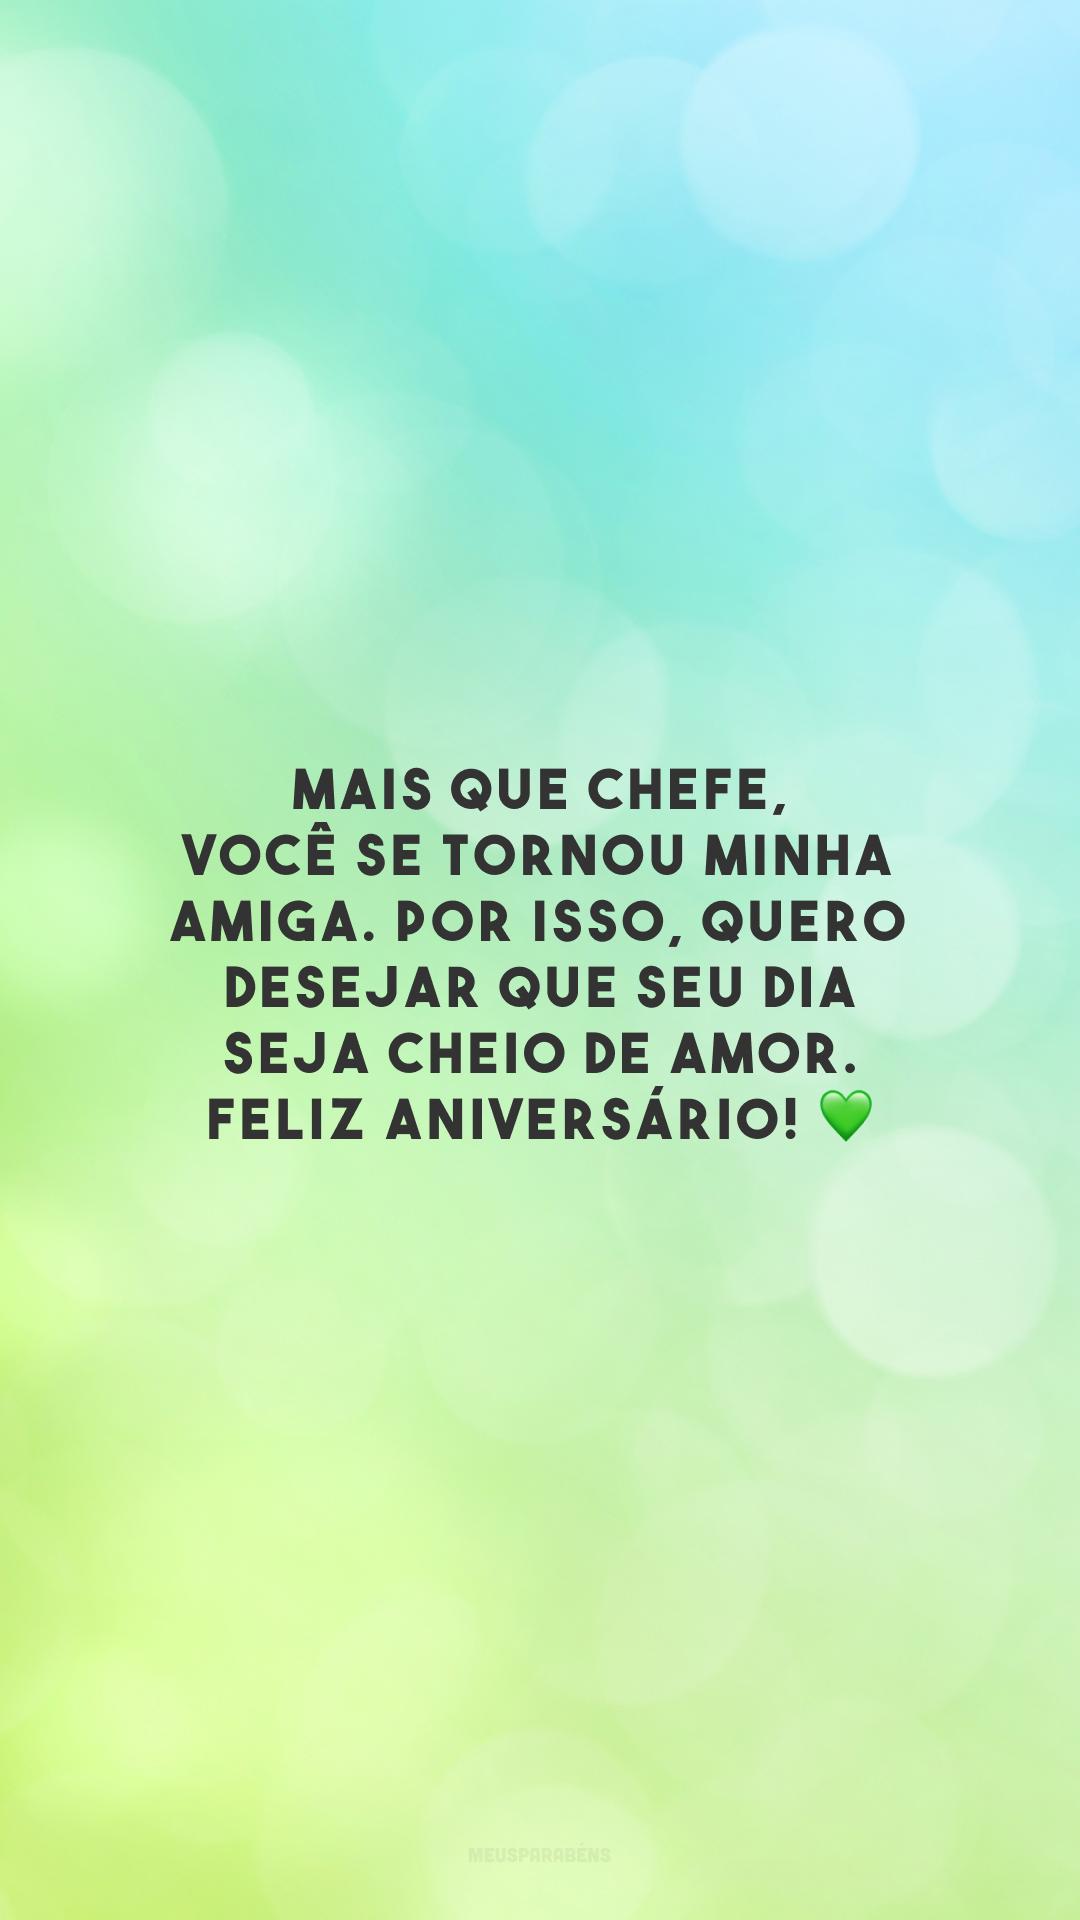 Mais que chefe, você se tornou minha amiga. Por isso, quero desejar que seu dia seja cheio de amor. Feliz aniversário! 💚